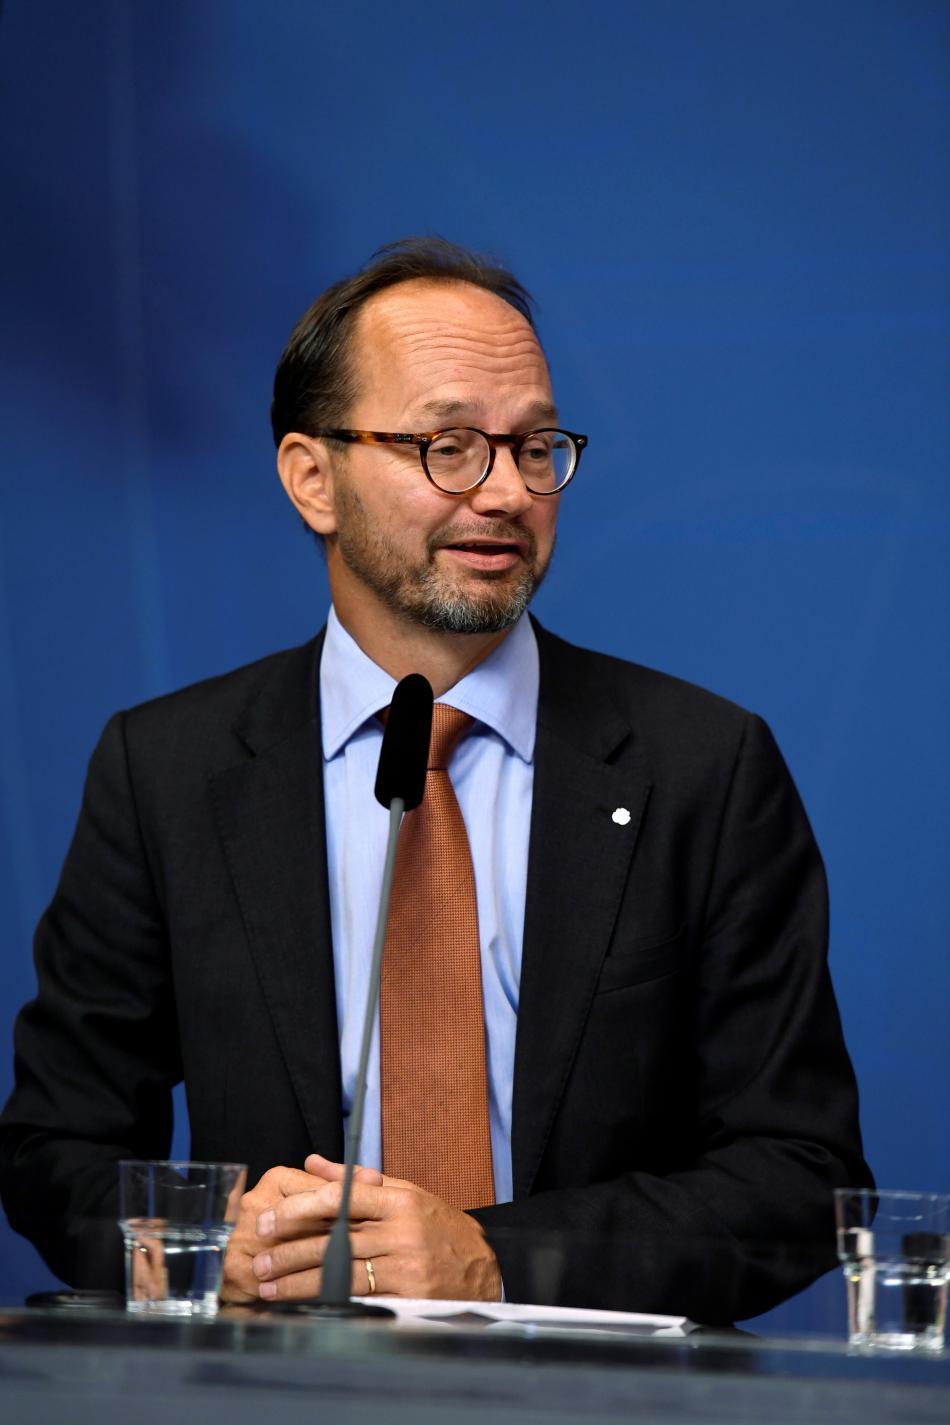 Nový švédský ministr infrastruktury Tomas Eneroth